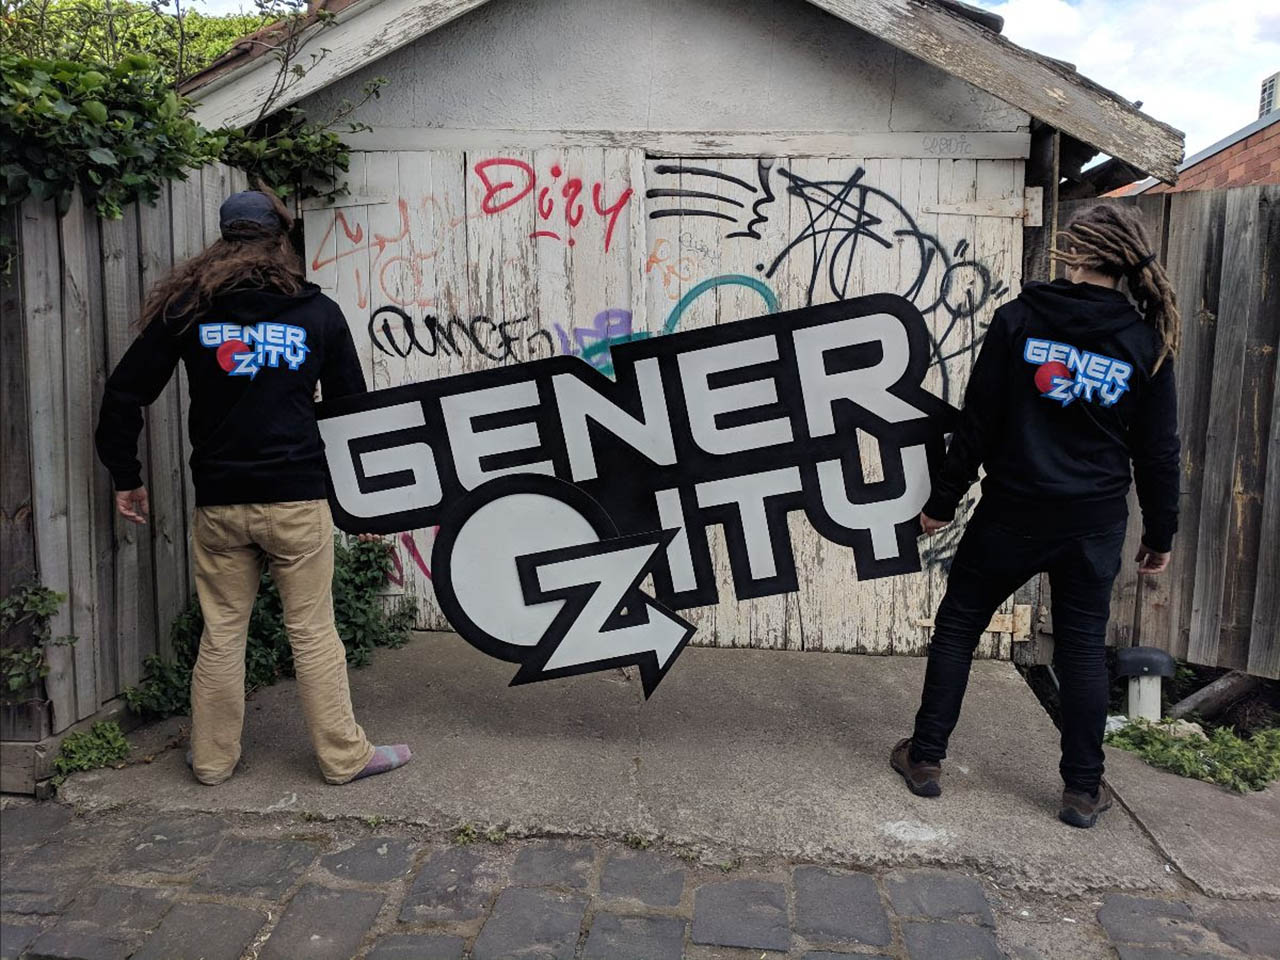 GenerOZity